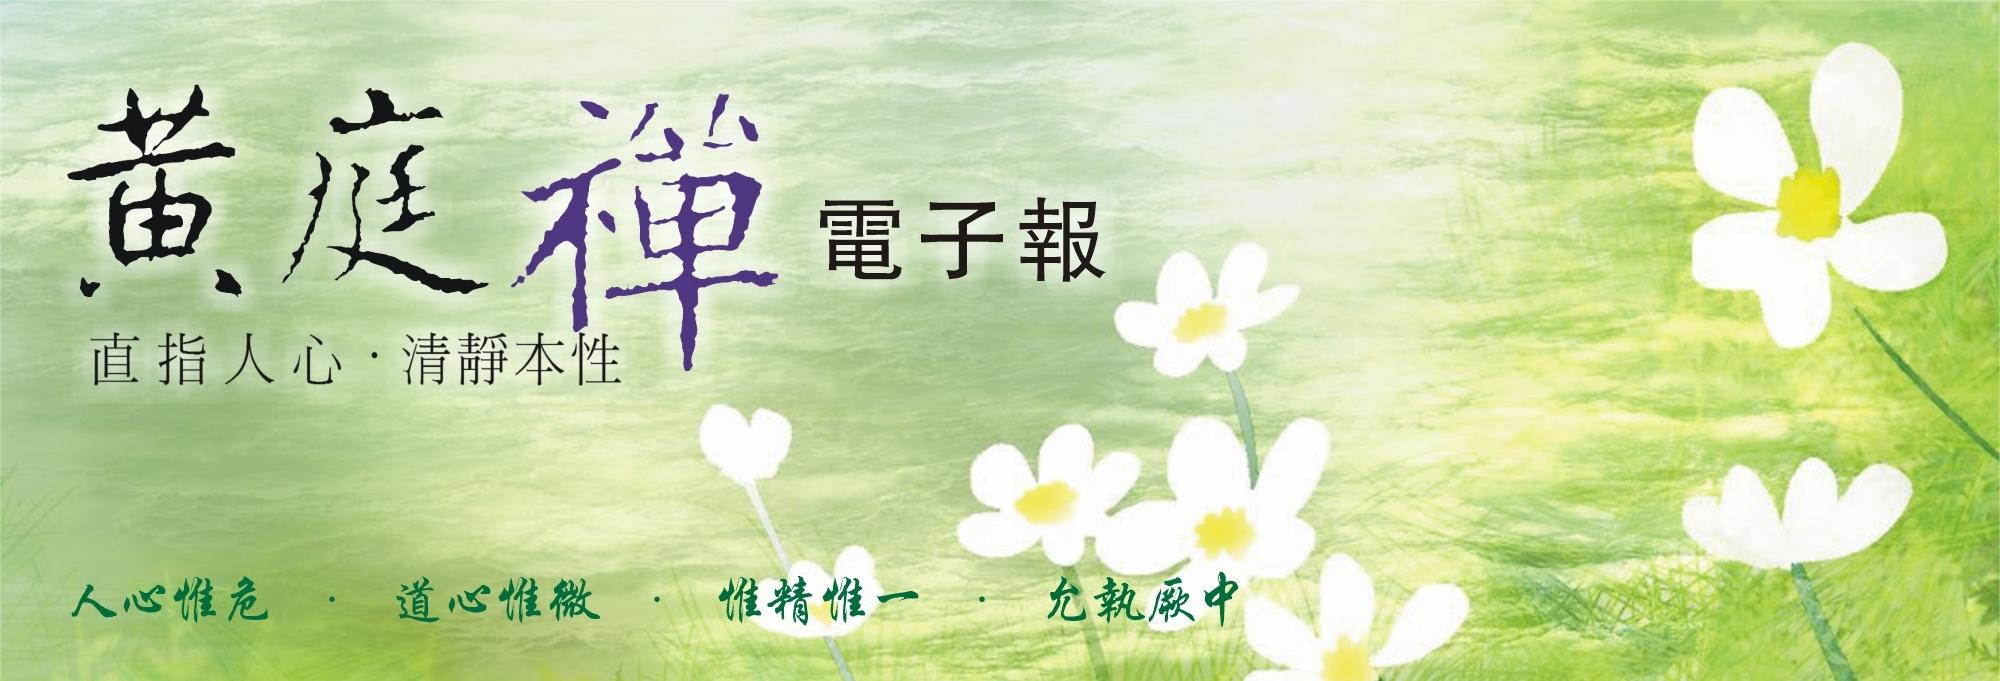 中華黃庭禪學會2017.02.21電子報